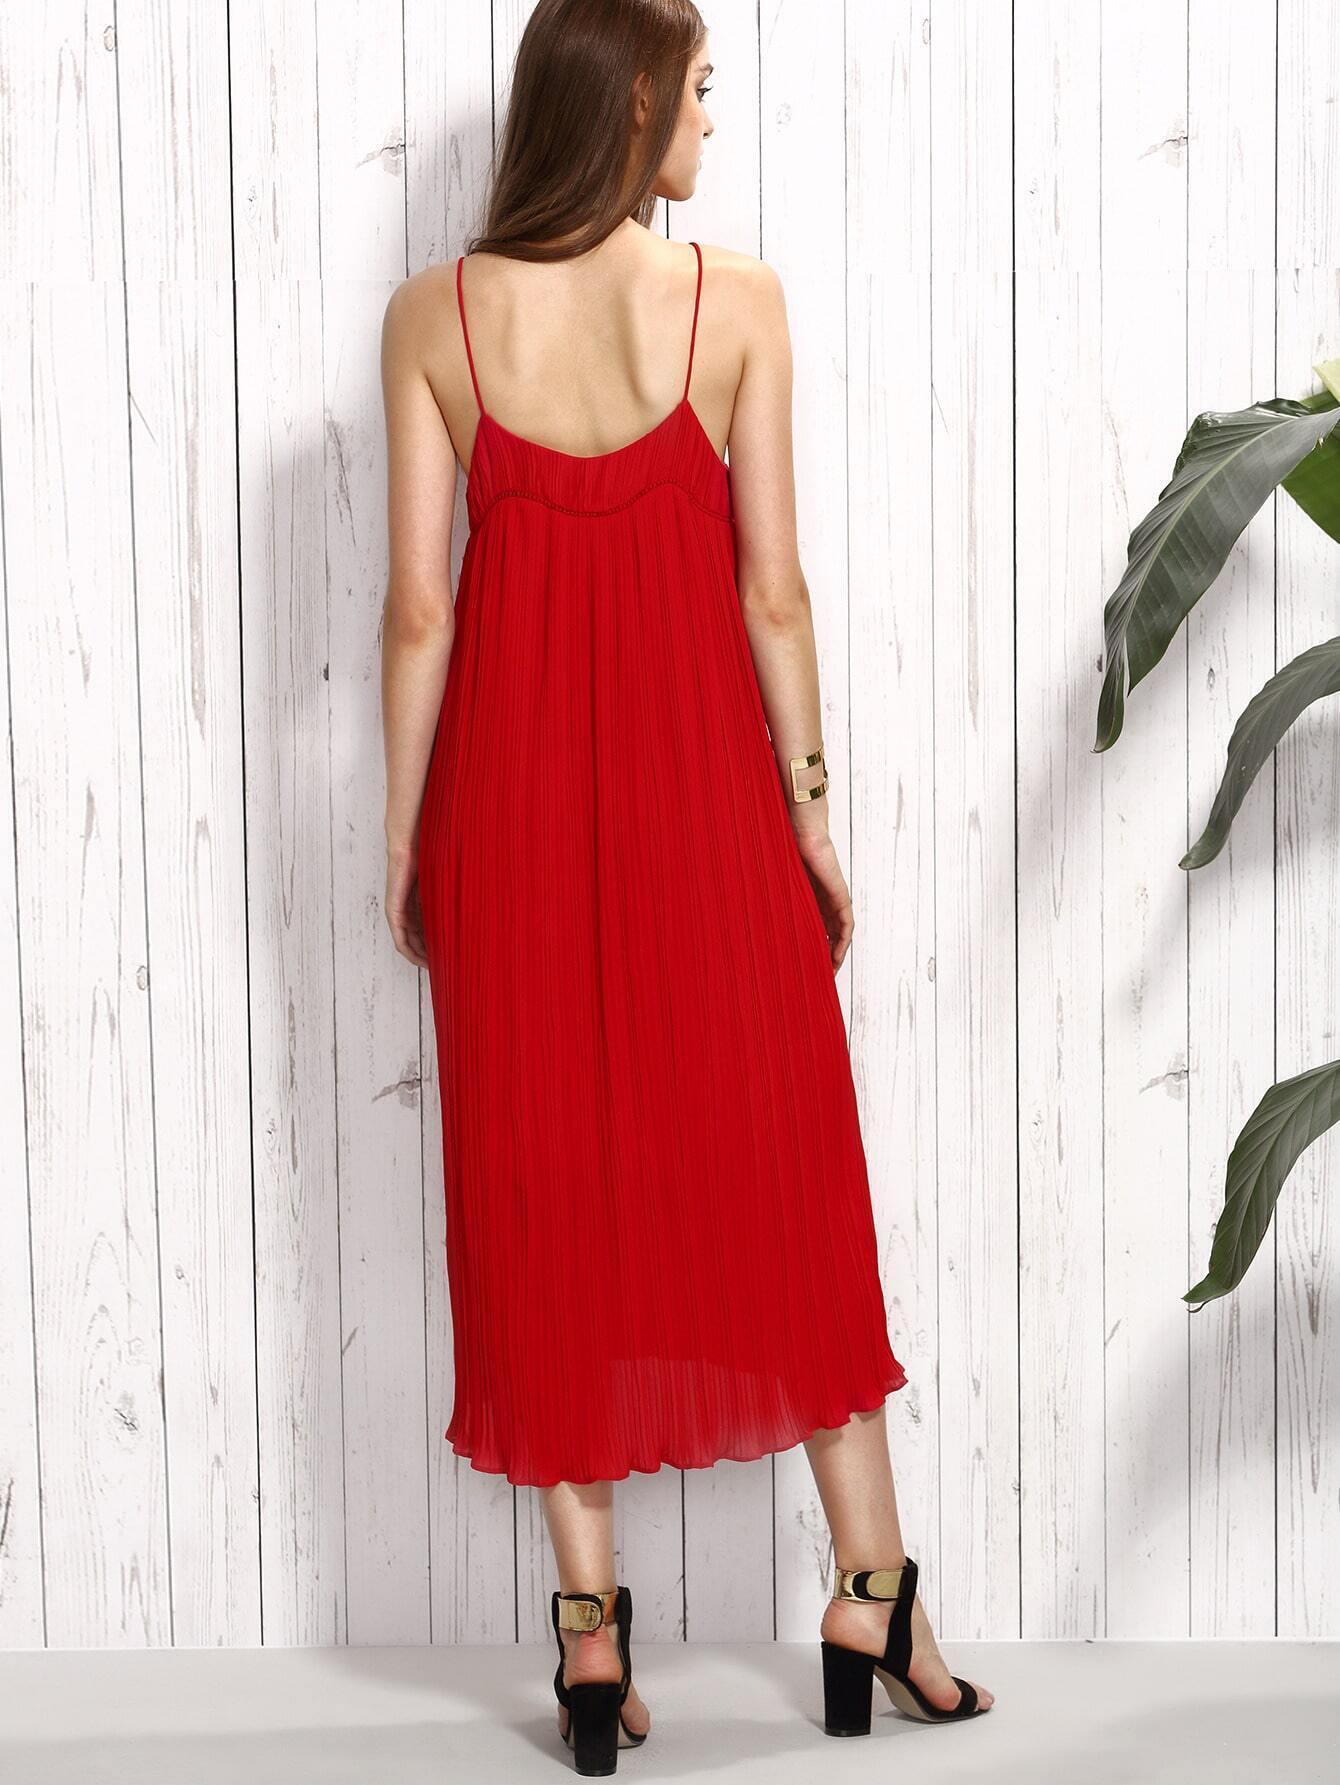 Vestido de tubo plisado de tirantes finos rojo spanish romwe for Tubo corrugado rojo precio